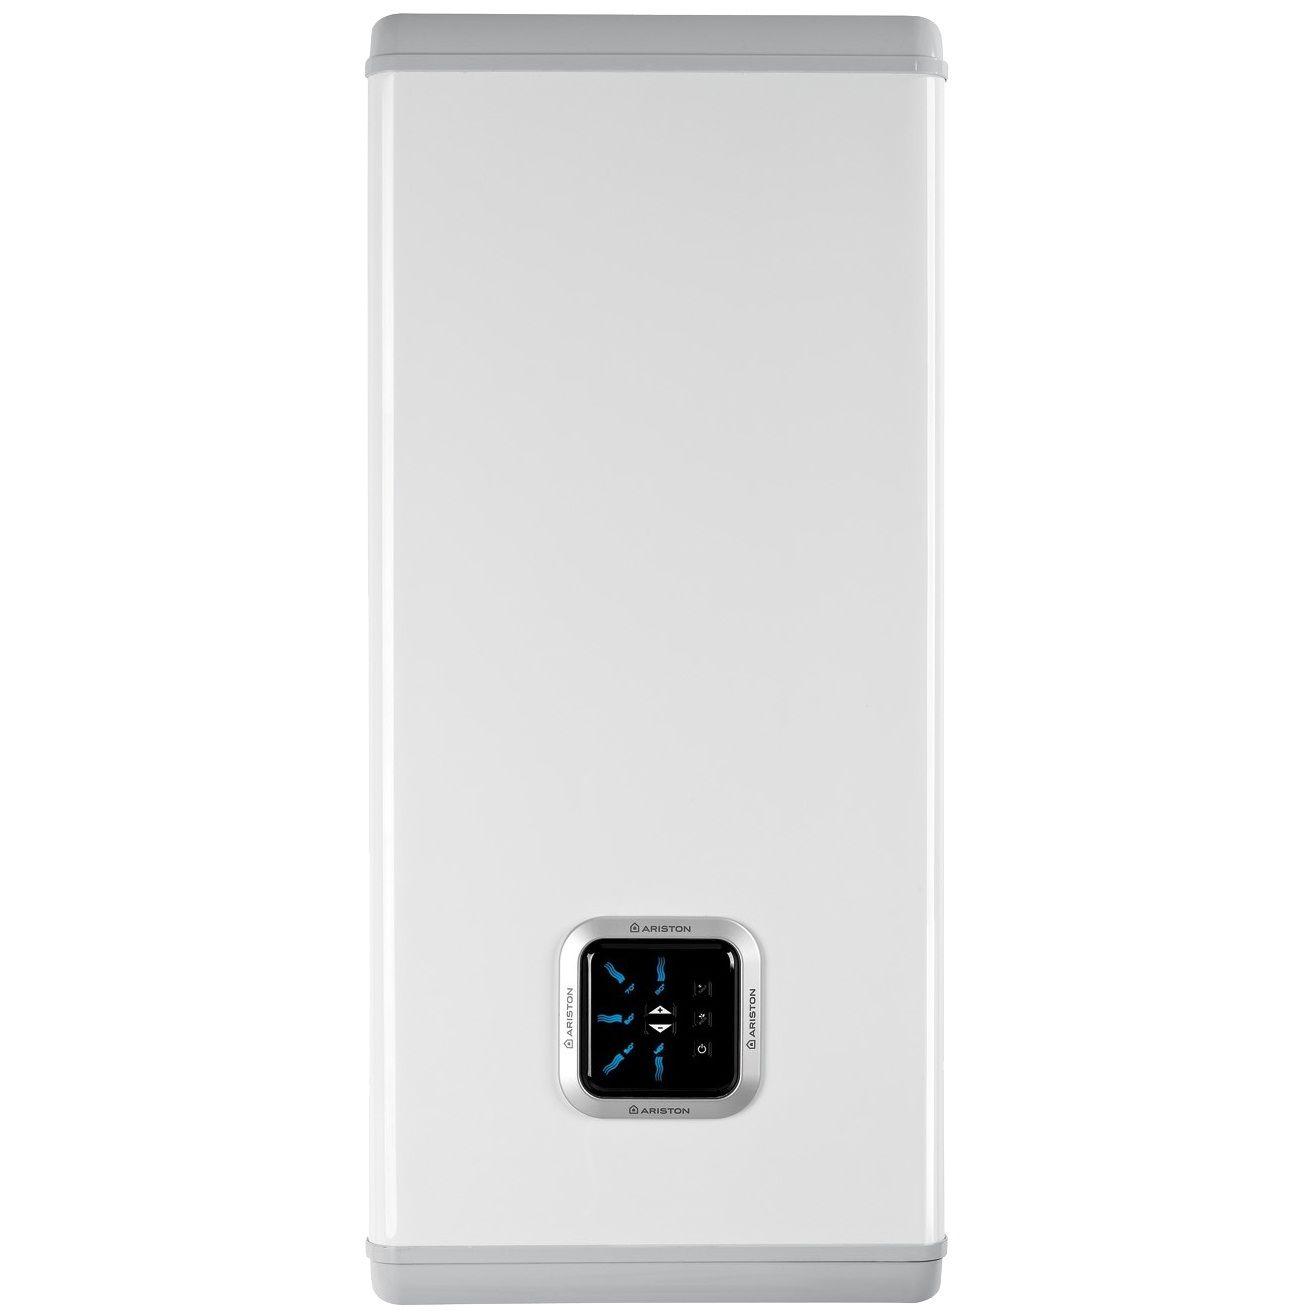 Электрические водонагреватели аристон на 80 литров: обзор, характеристики, отзывы